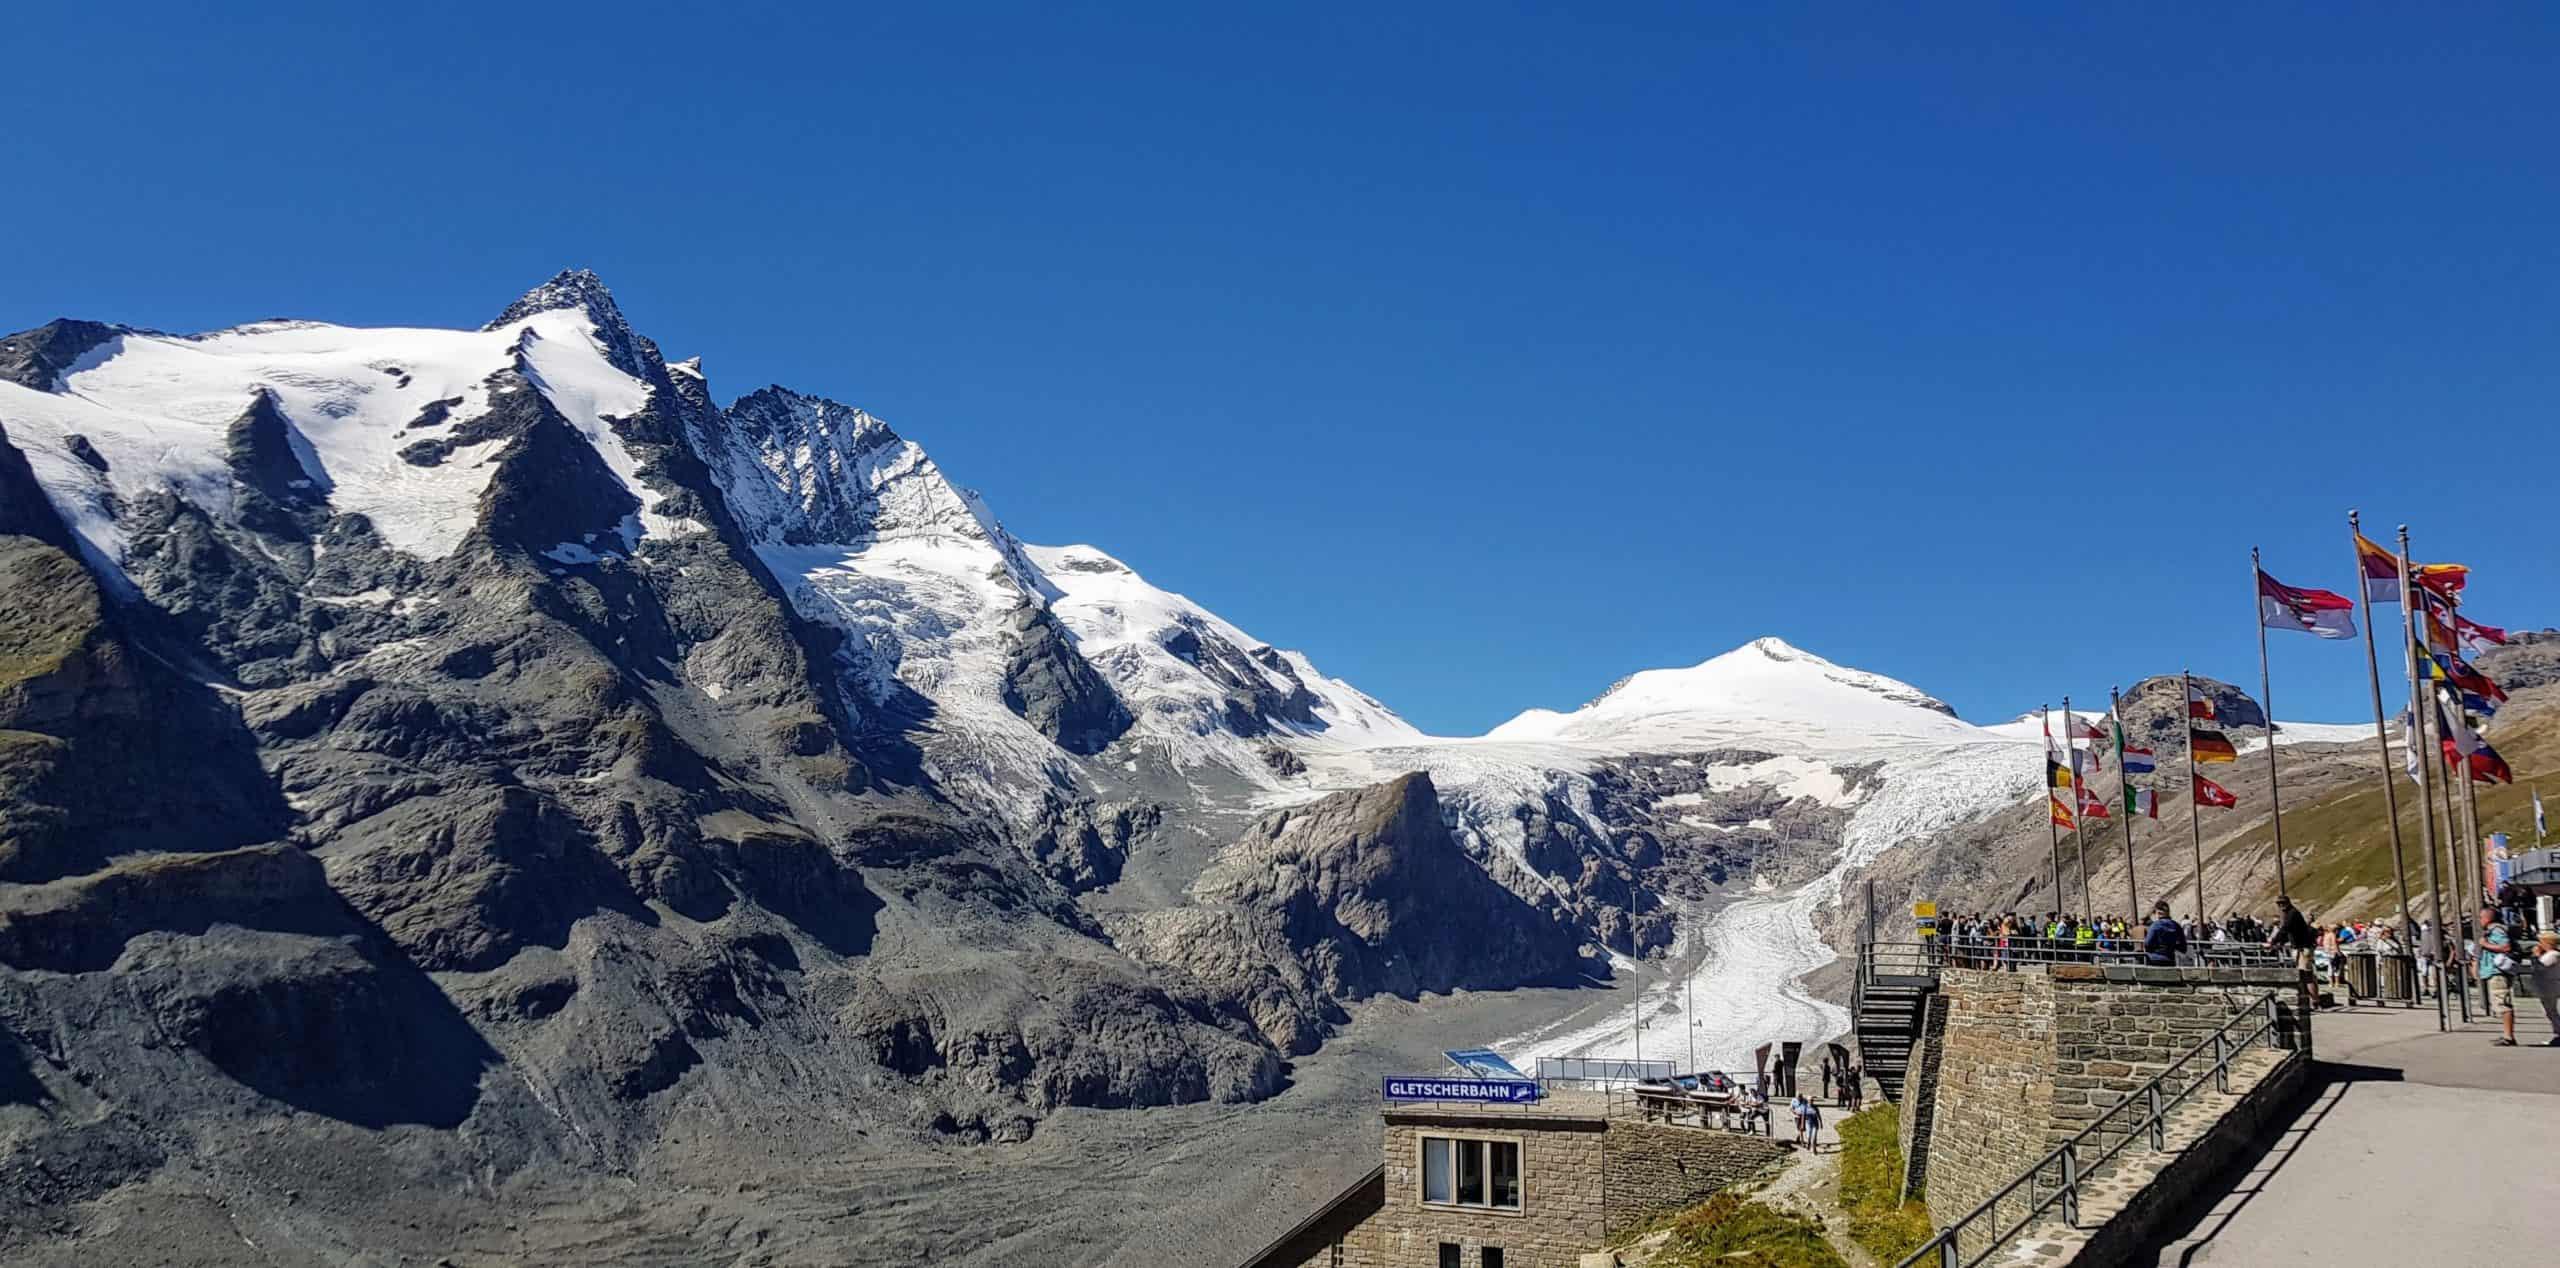 Großglockner, der schwarze Berg. Höchster Berg in Österreich im Nationalpark Hohe Tauern - Kärnten & Tirol - mit Gletscherbahn & Pasterze